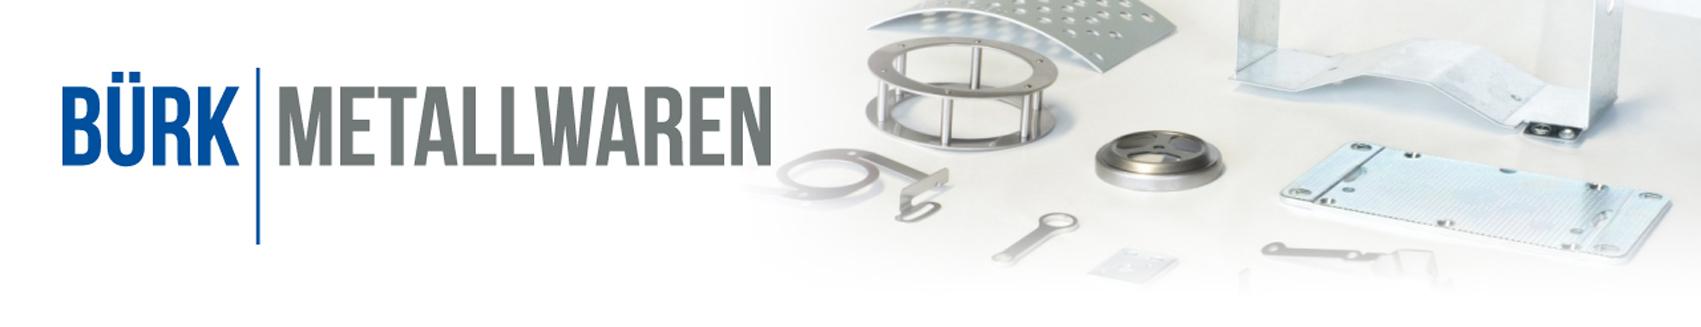 Bürk Metallwaren